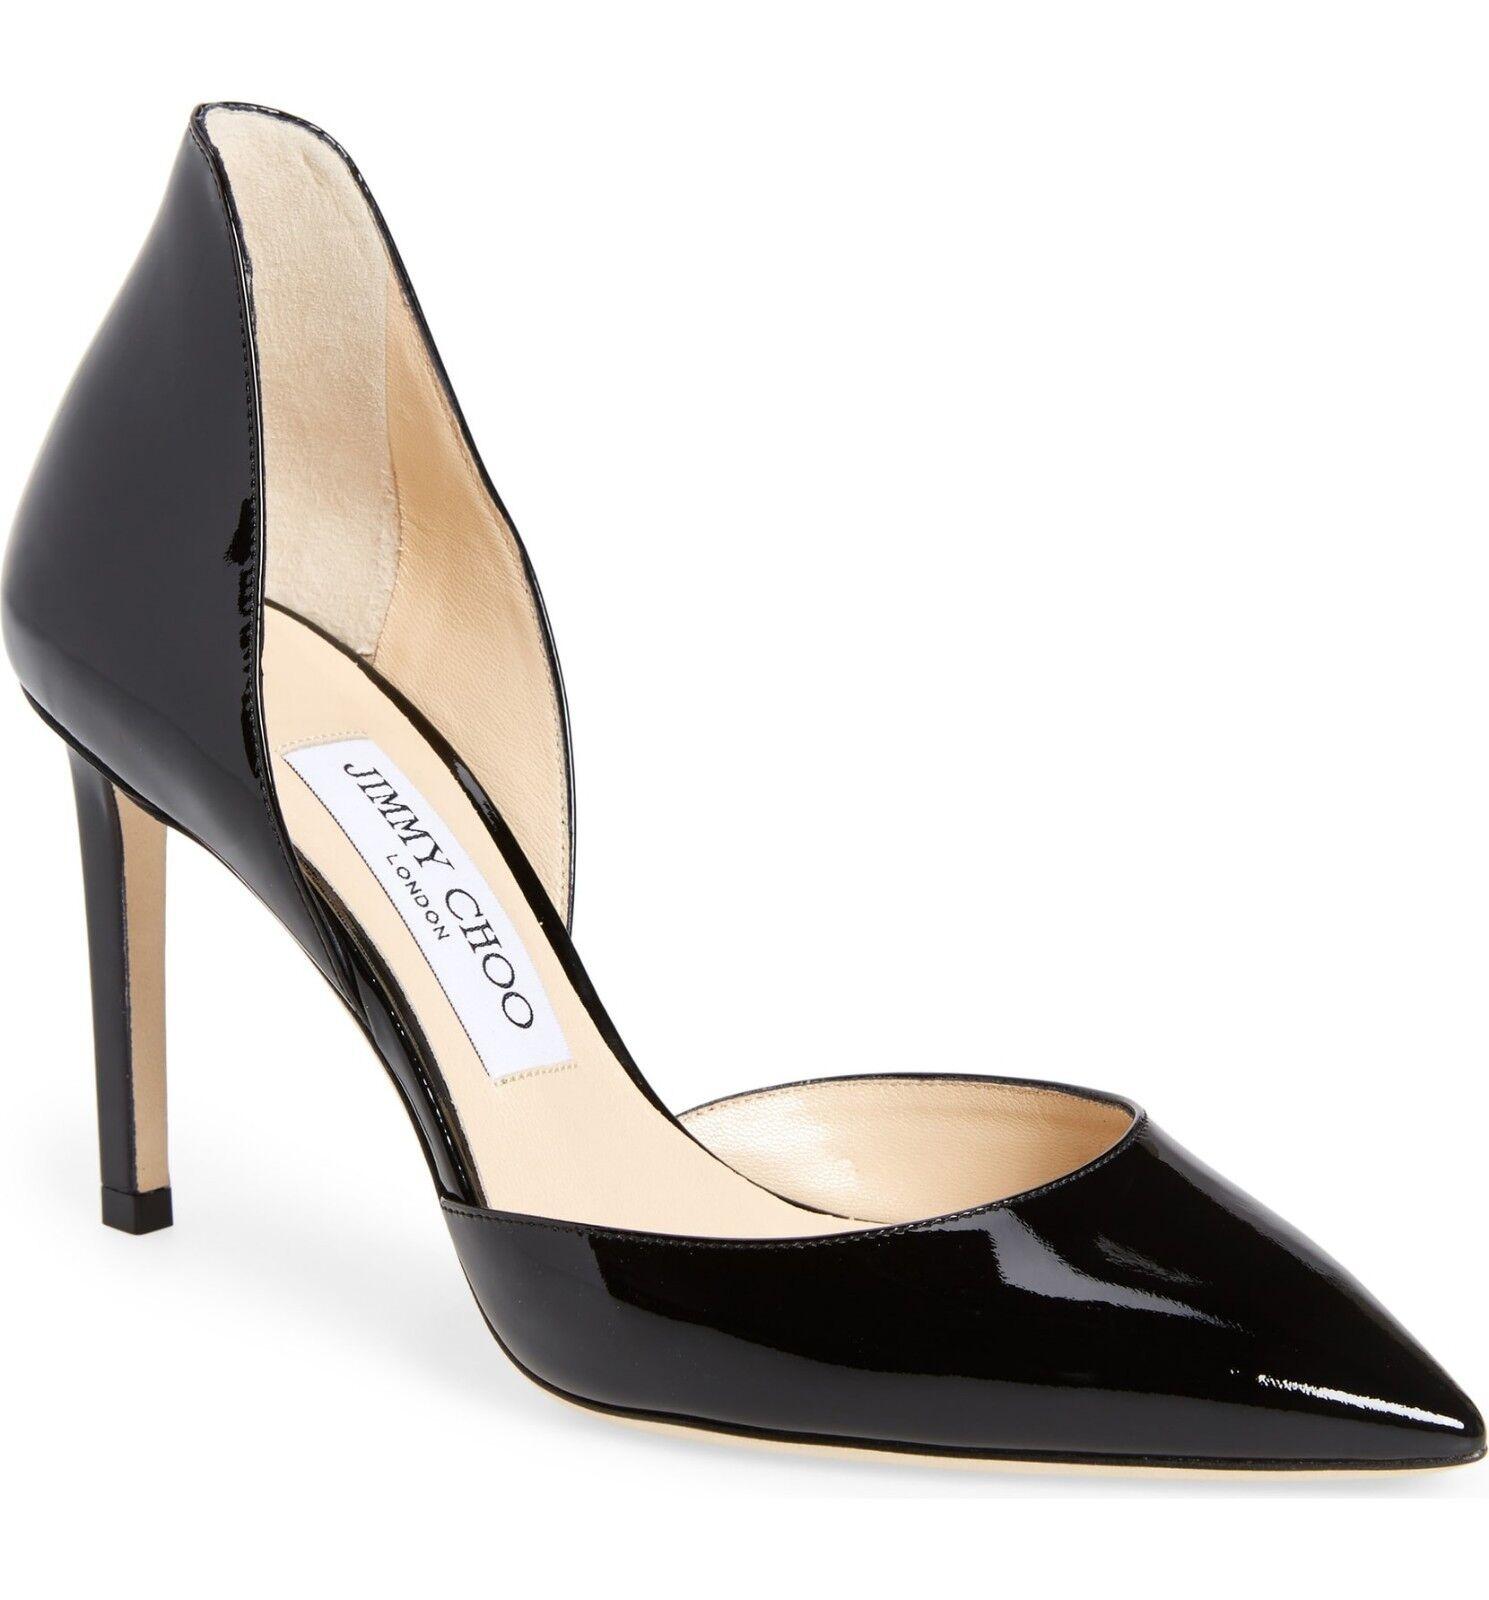 Nuevo En Caja Jimmy Choo Liz d d d 'Orsay Zapato De Puntera Puntiaguda Zapato de Tacón Patente Negro 38 -7  respuestas rápidas